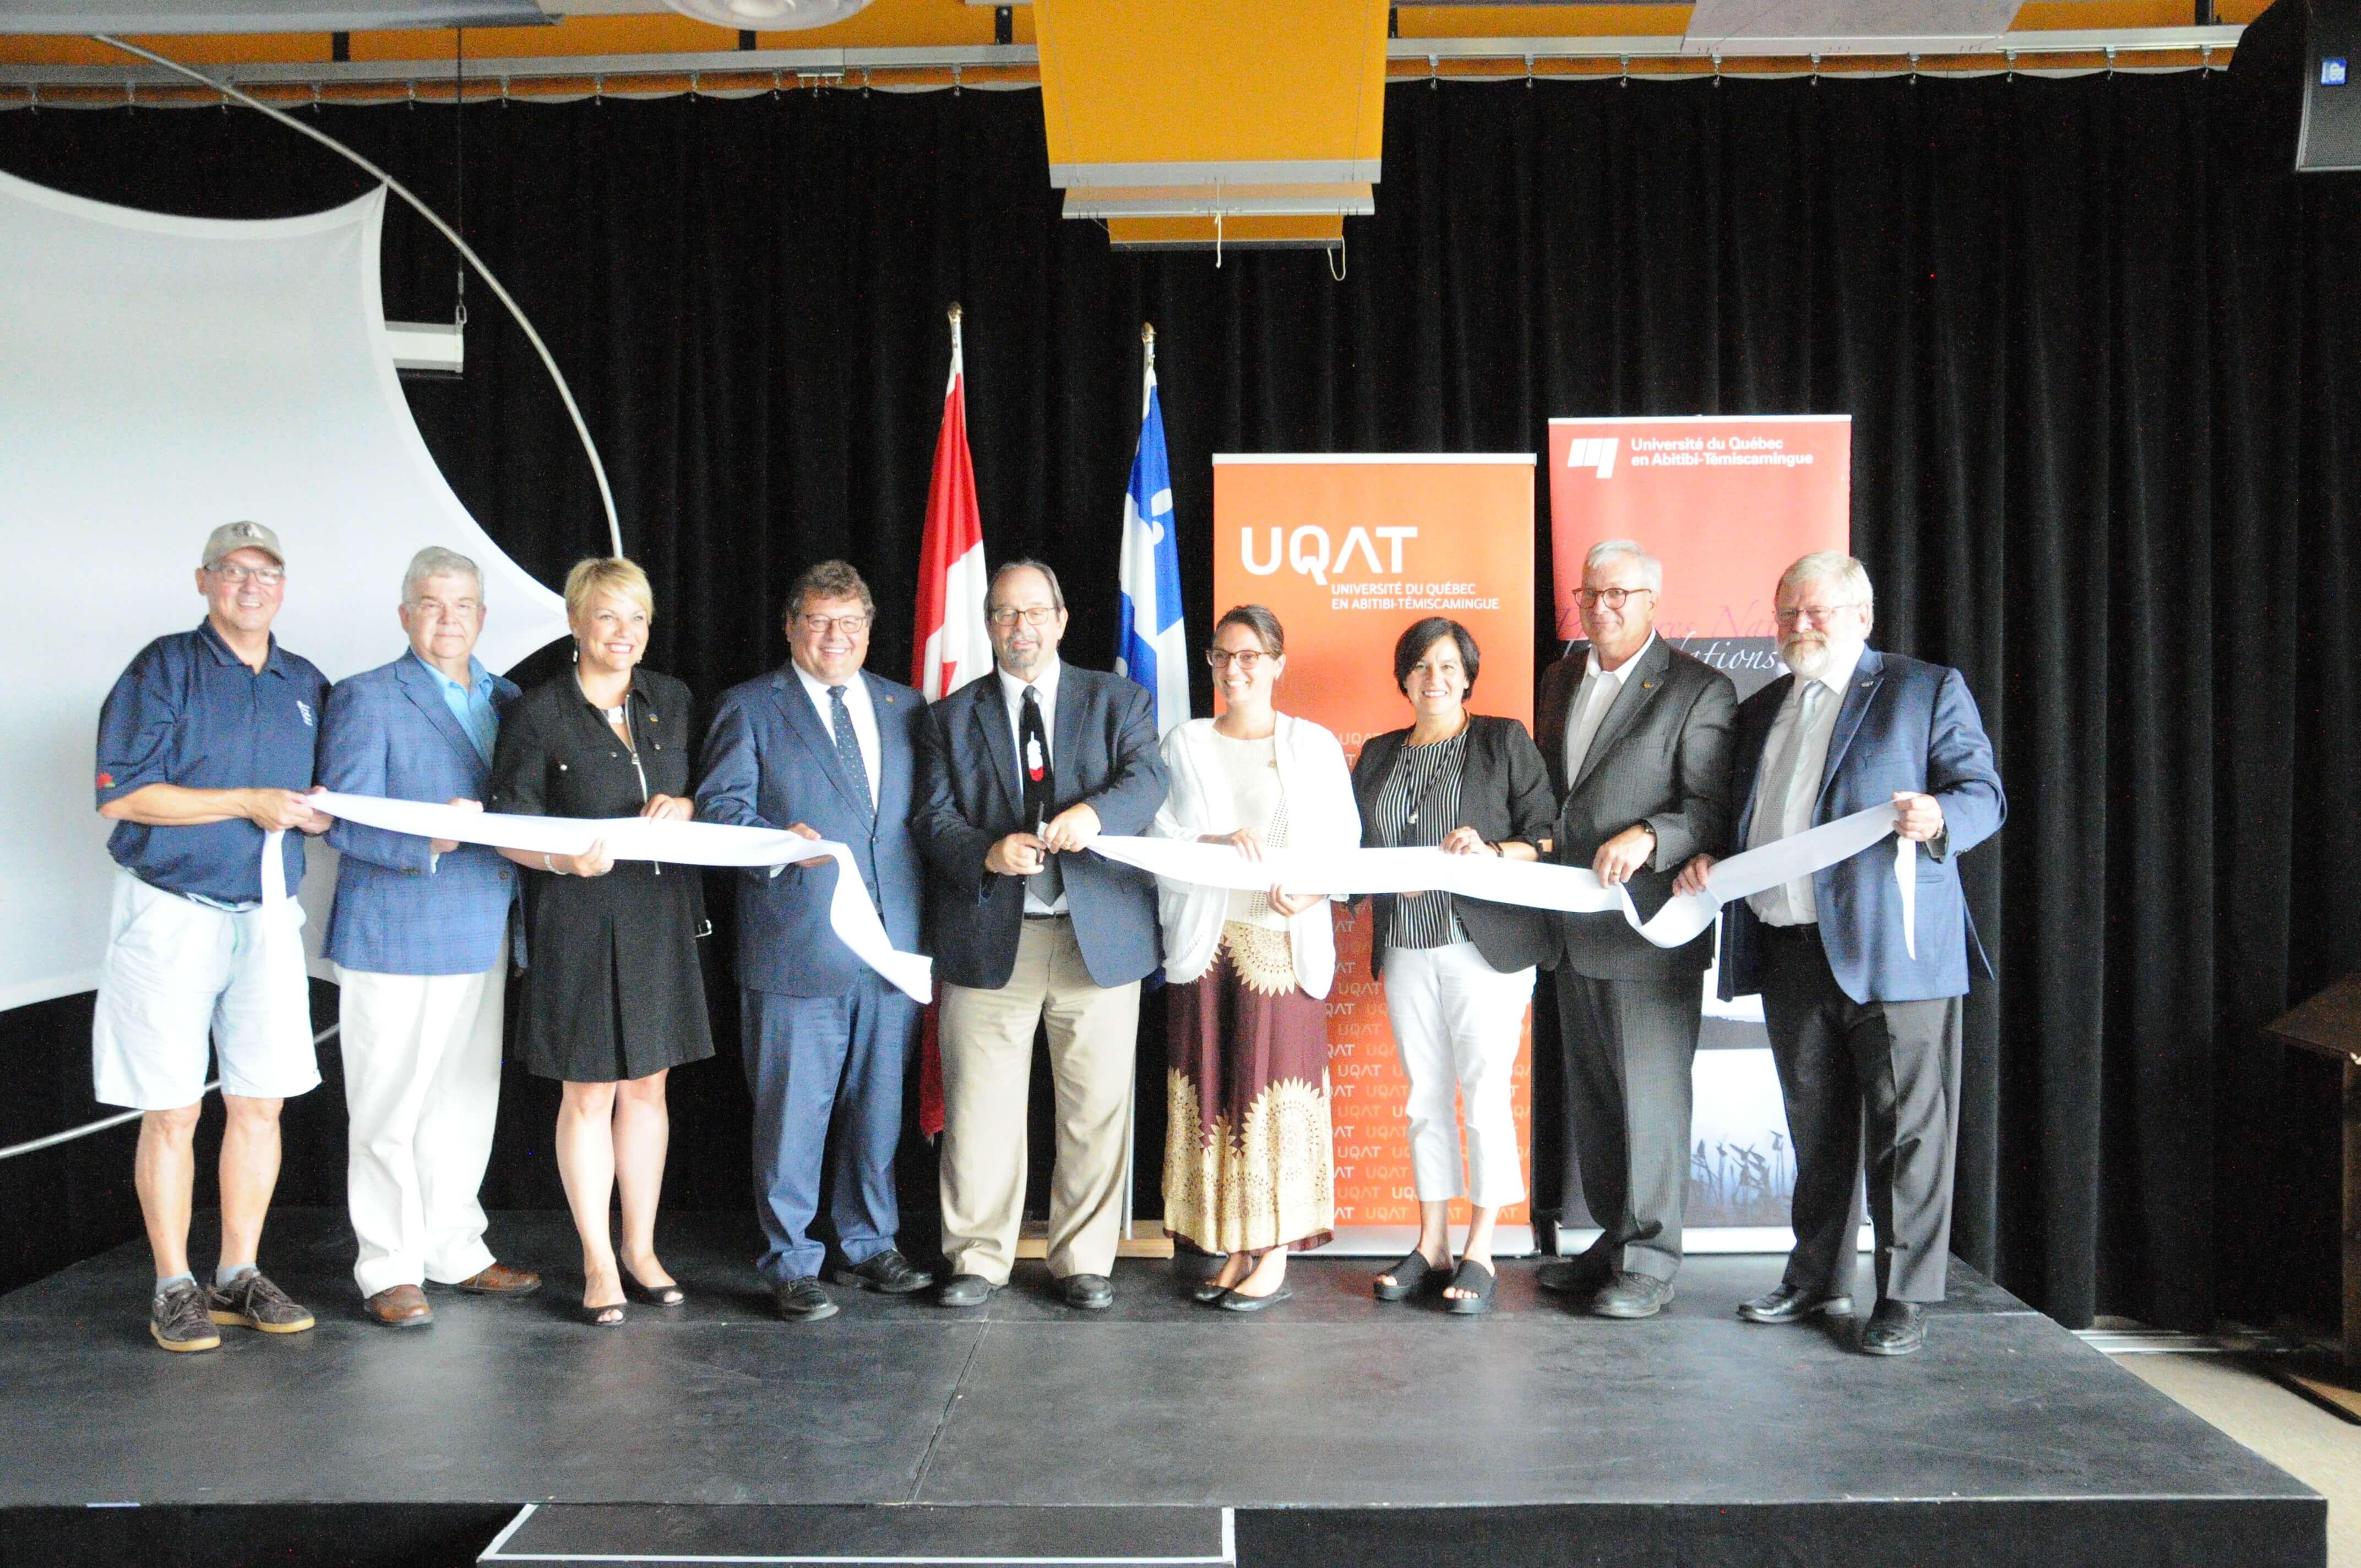 L'UQAT inaugure son nouveau Pavillon des Premiers-Peuples